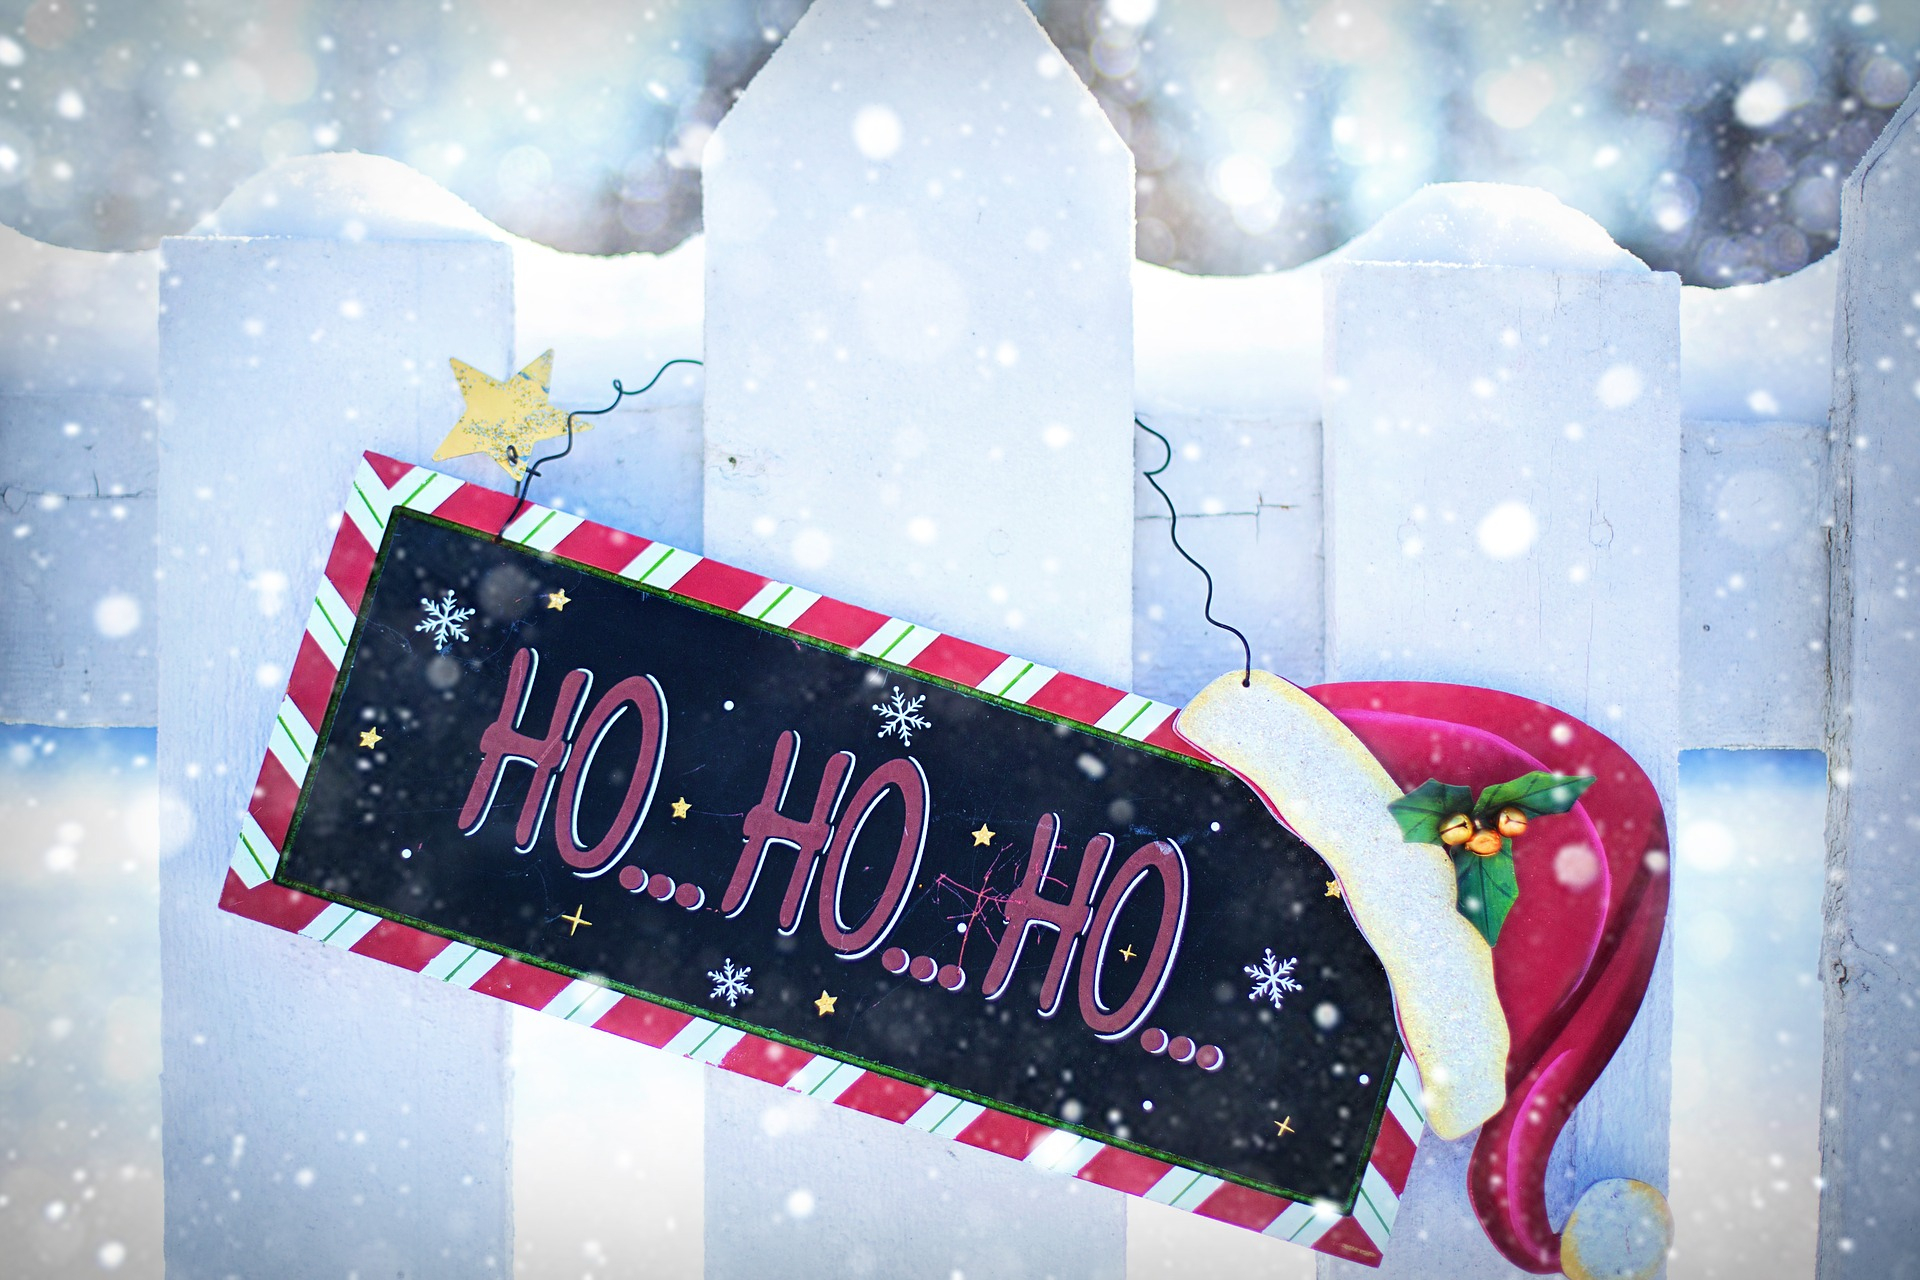 Weihnachtsgrußkarten Kostenlos Zum Herunterladen verwandt mit Kostenlose Weihnachtskarten Zum Ausdrucken